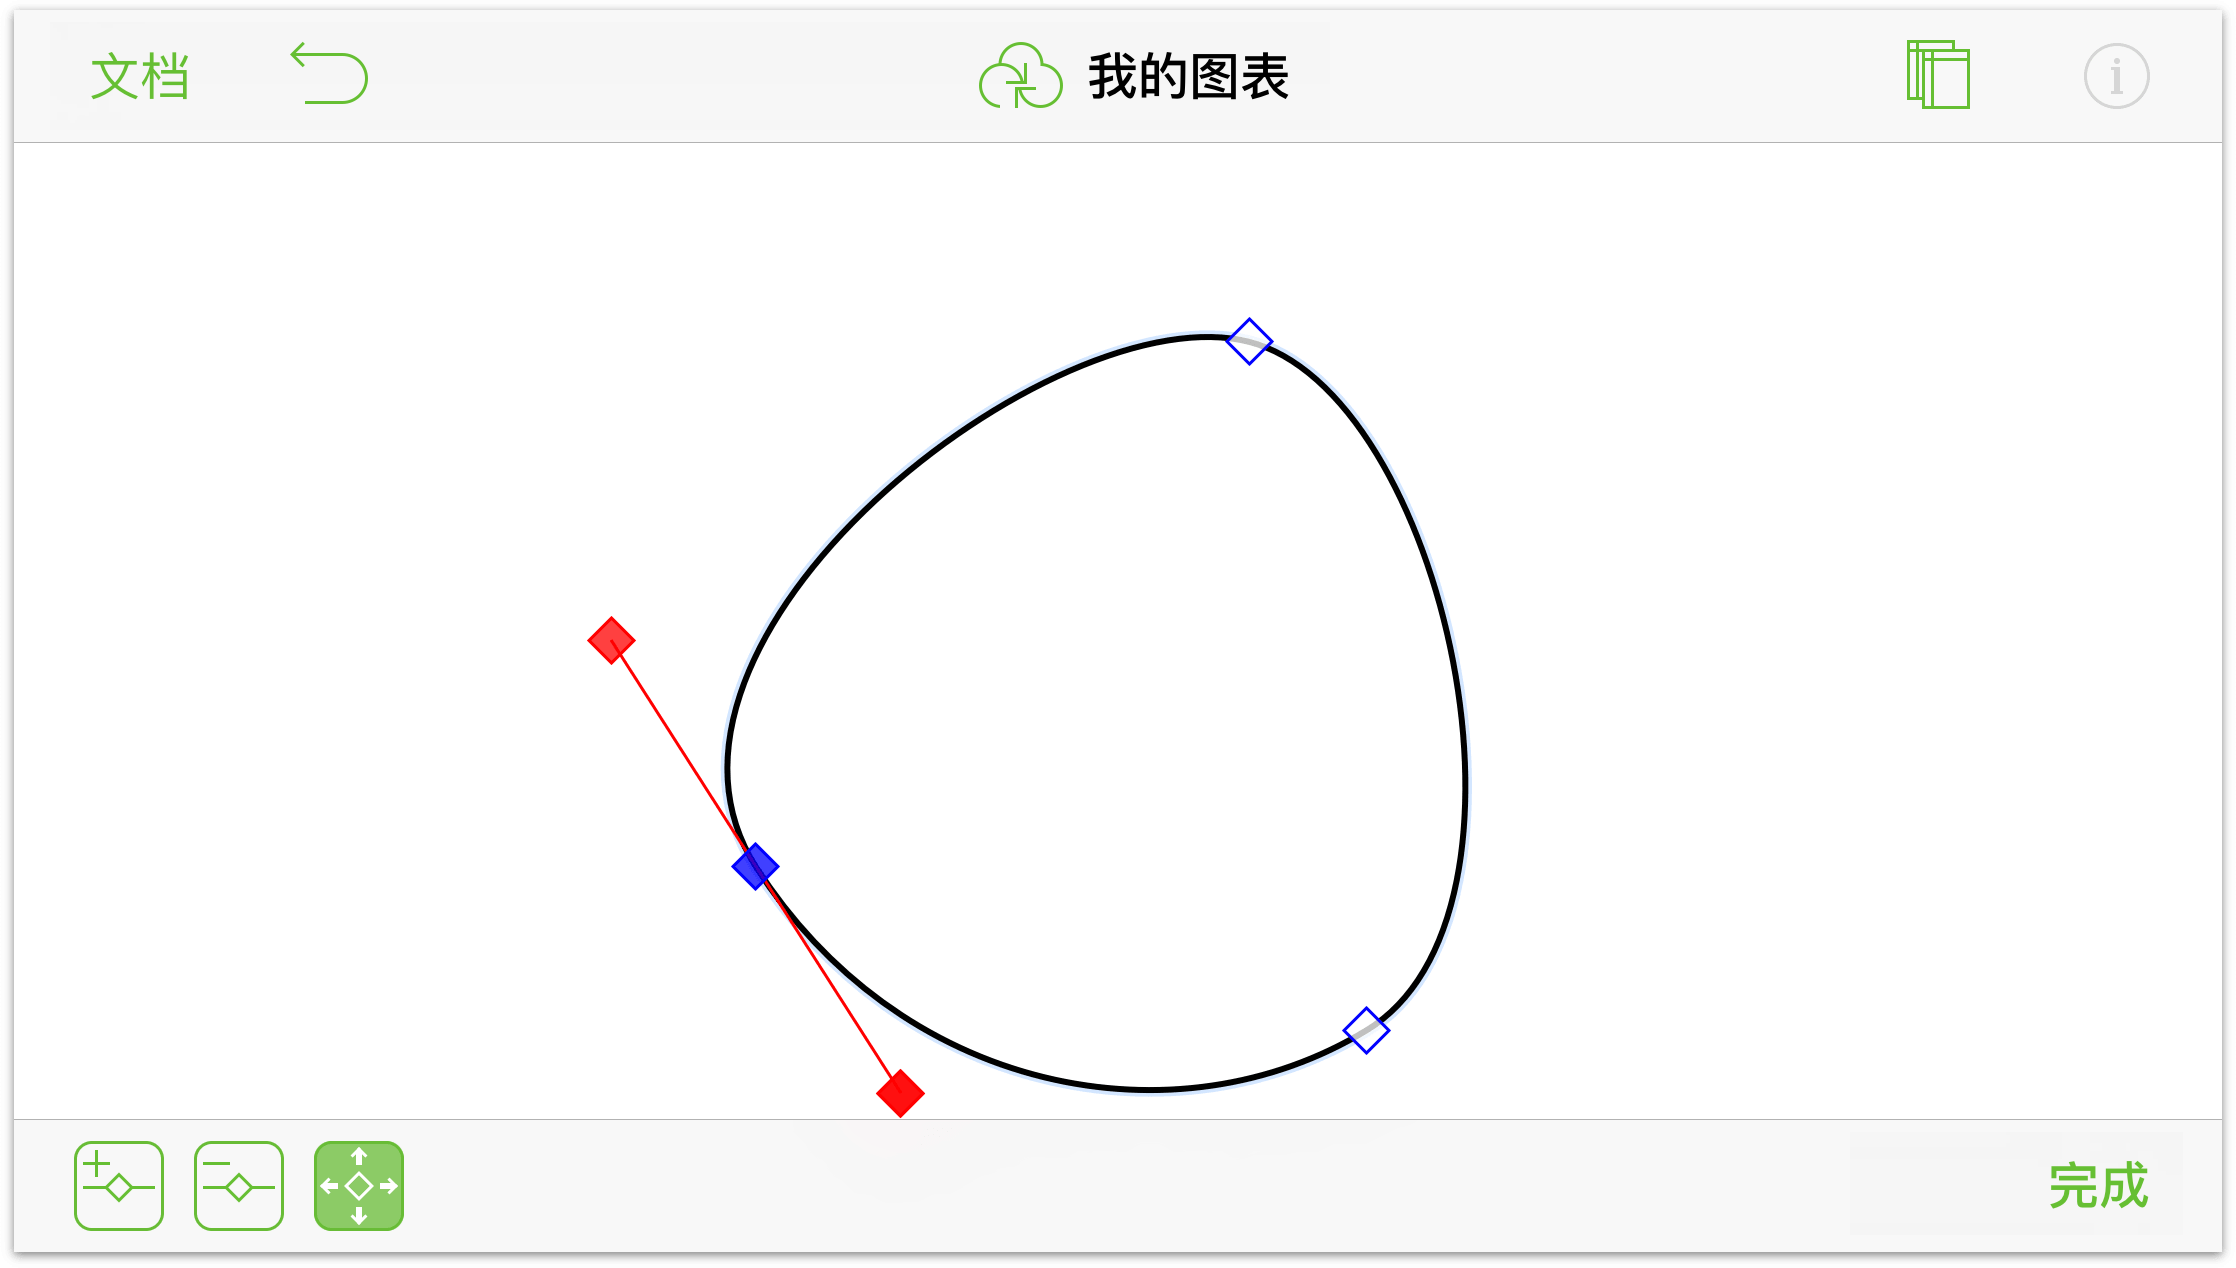 顶点转换成曲线的三角形